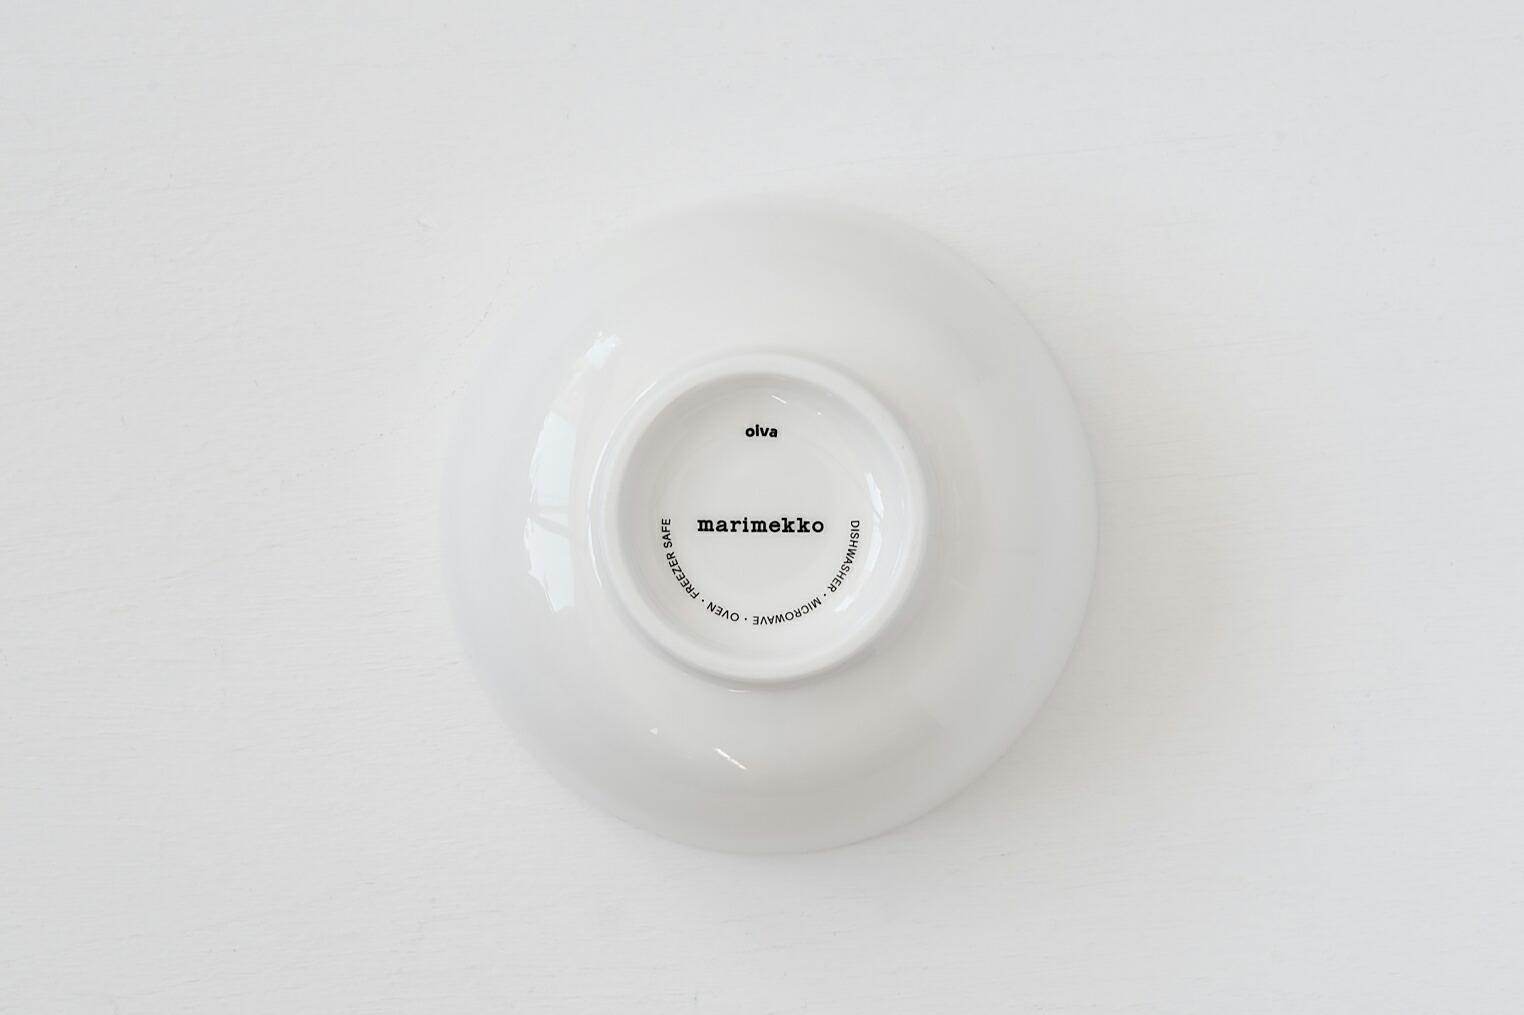 オイヴァ ボウル 300ml(マリメッコ) Oiva Bowl 300ml(marimekko)